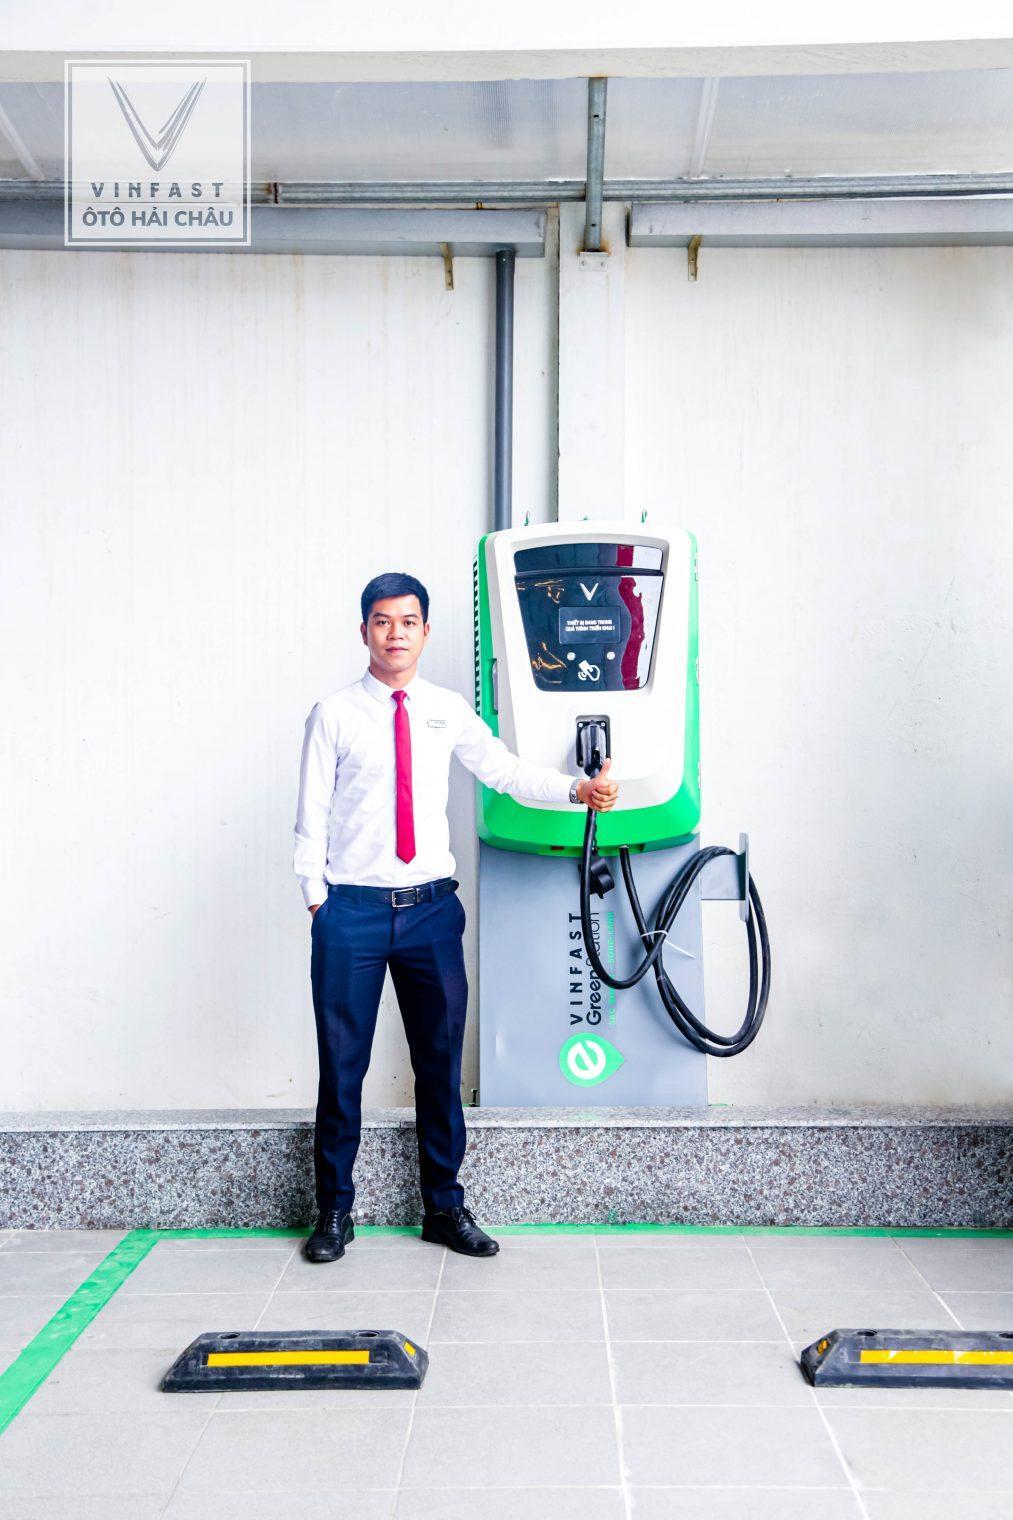 Những trụ sạc ô tô điện VinFast đã và đang lần lượt xuất hiện tại Đà Nẵng - VinFast Đà Nẵng